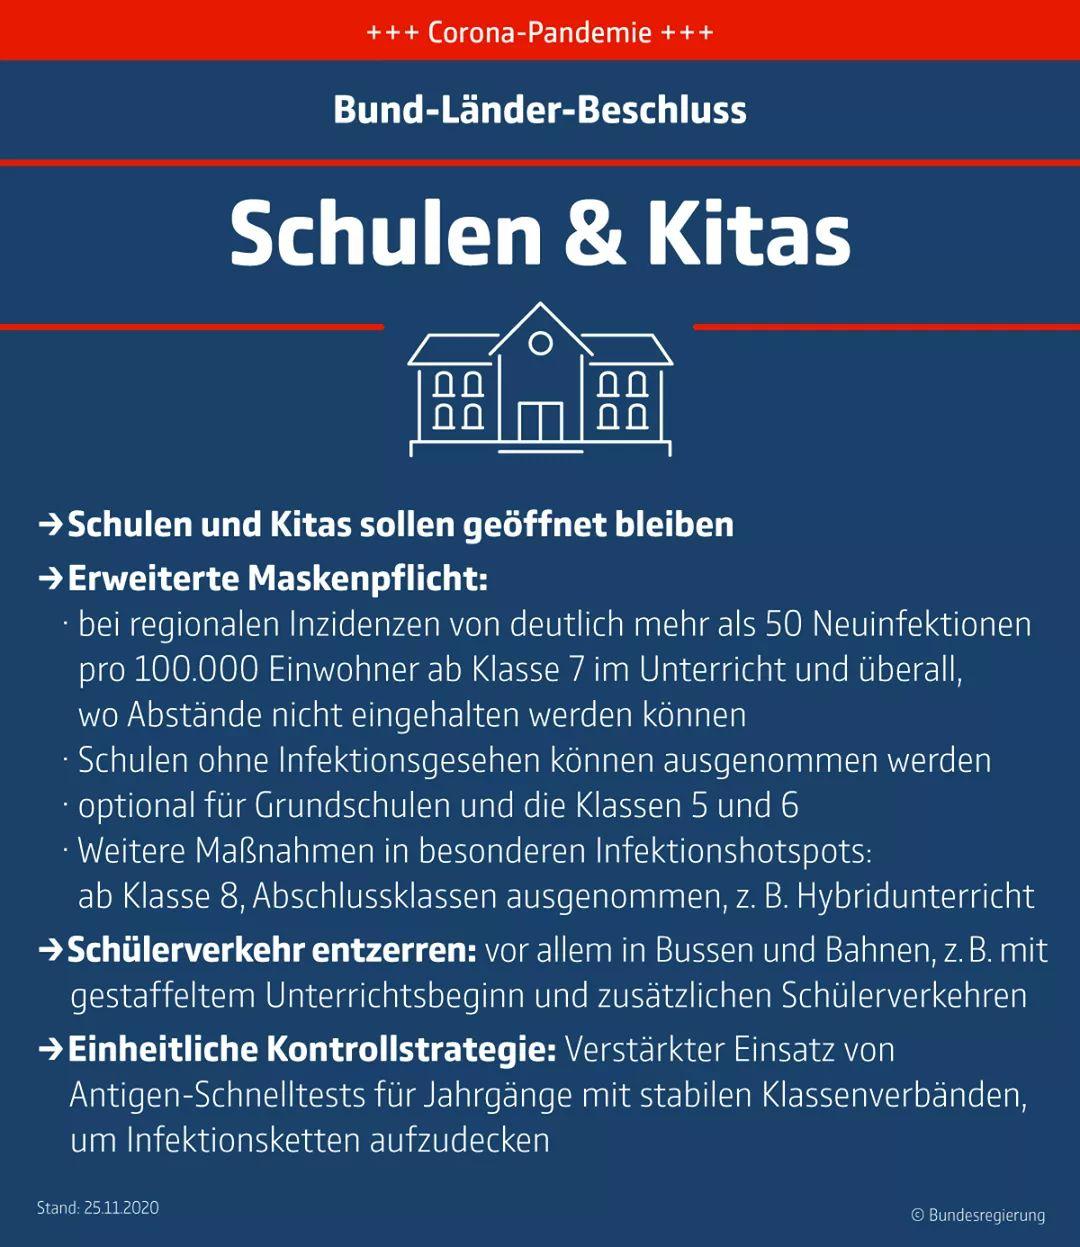 """Bund-Länder-Beschluss zum Thema """"Schulen und Kitas"""". Bildquelle: Bundesregierung"""